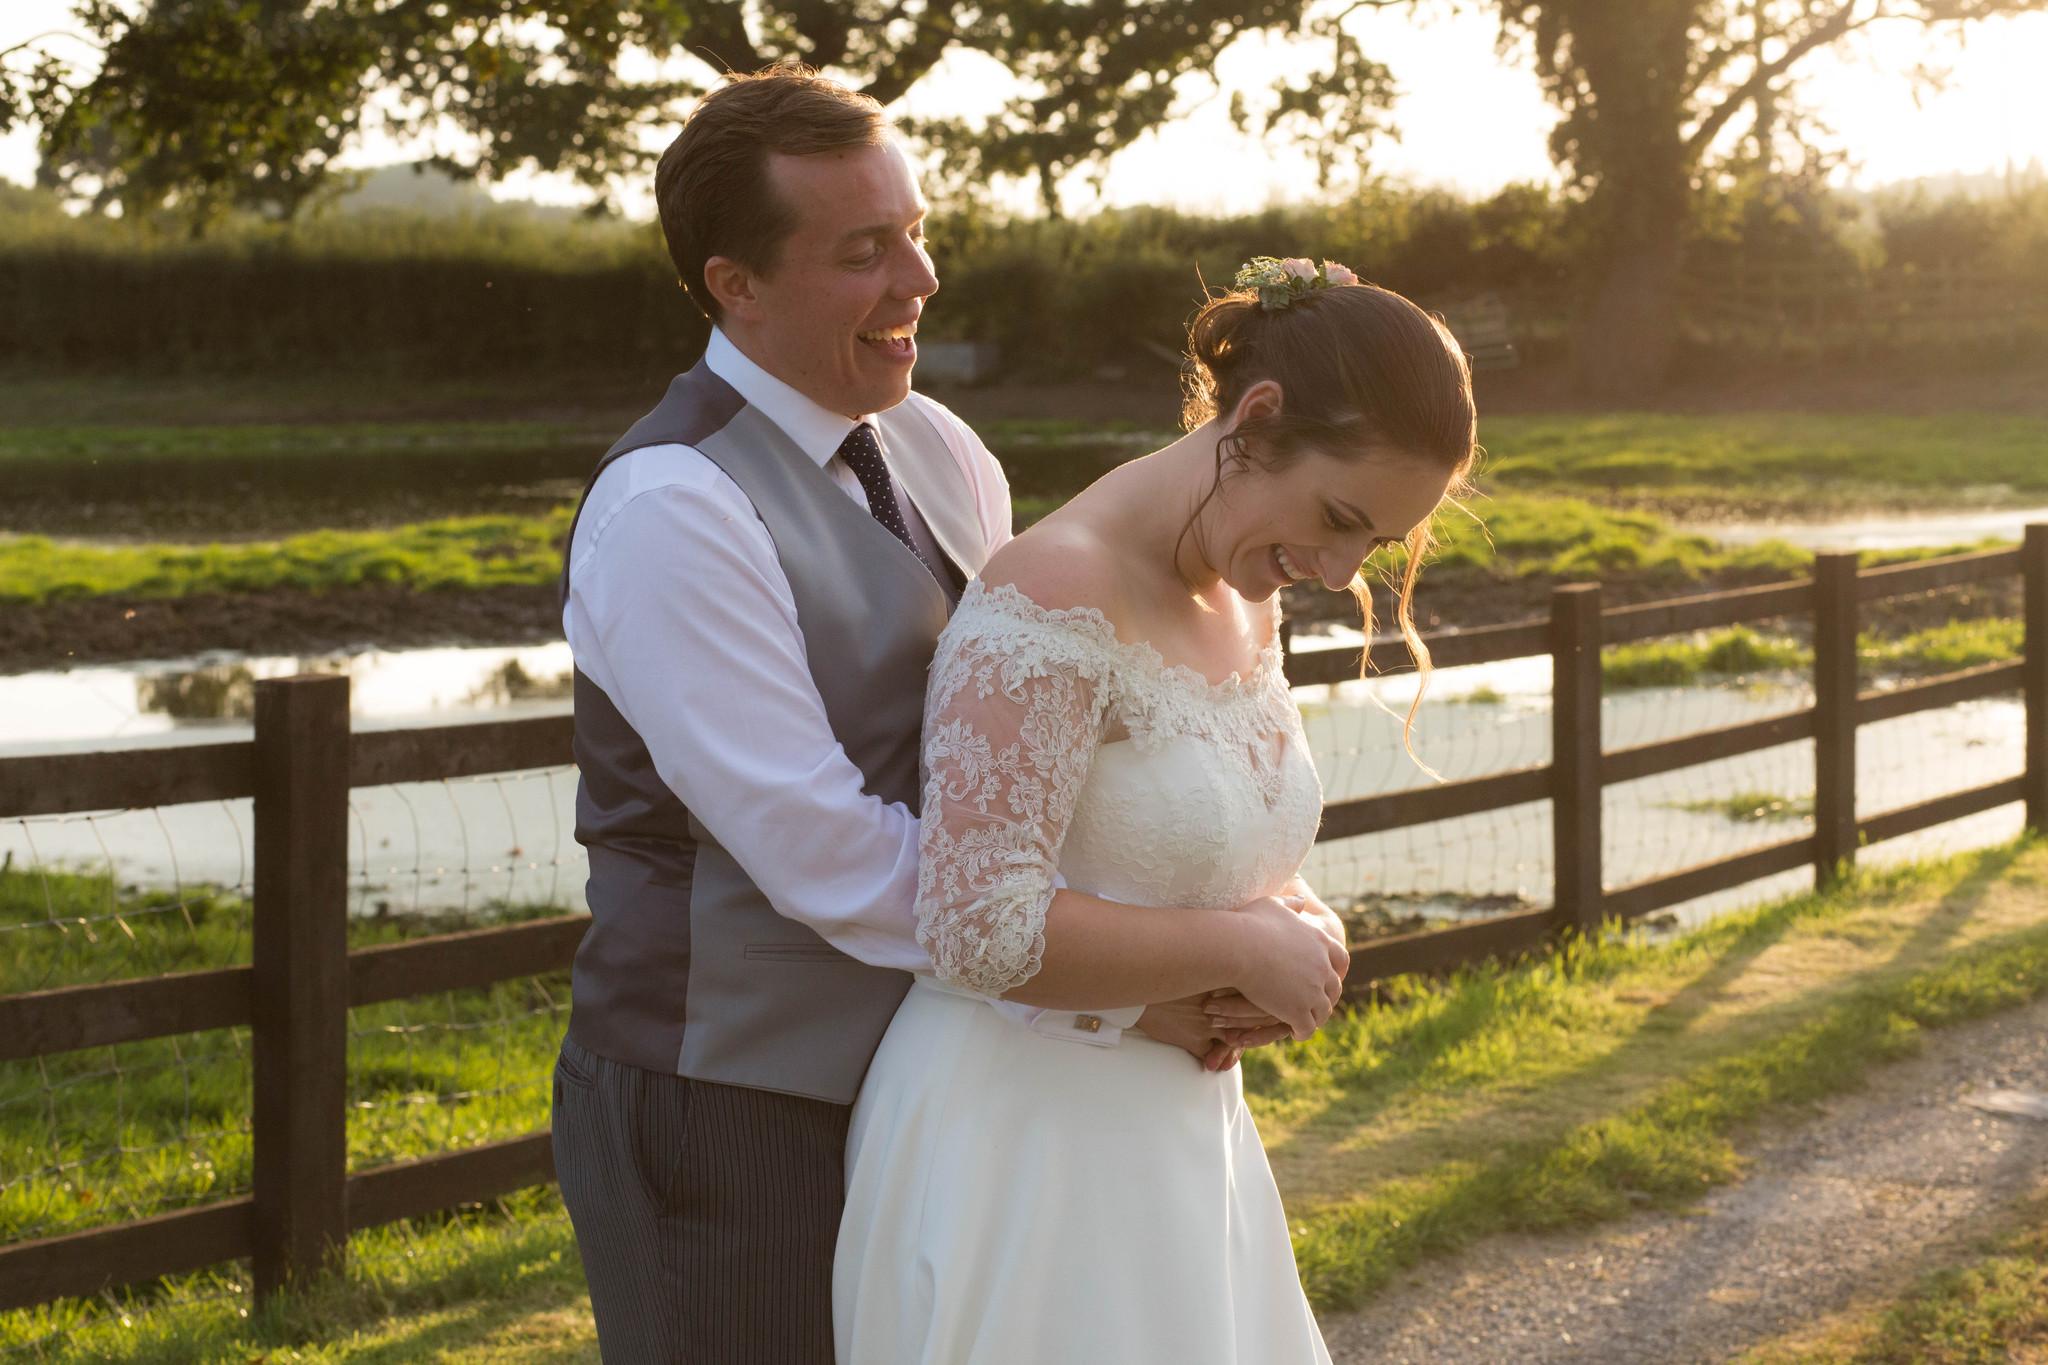 Shropshire wedding photography Nicola Gough Summer farm marquee wedding